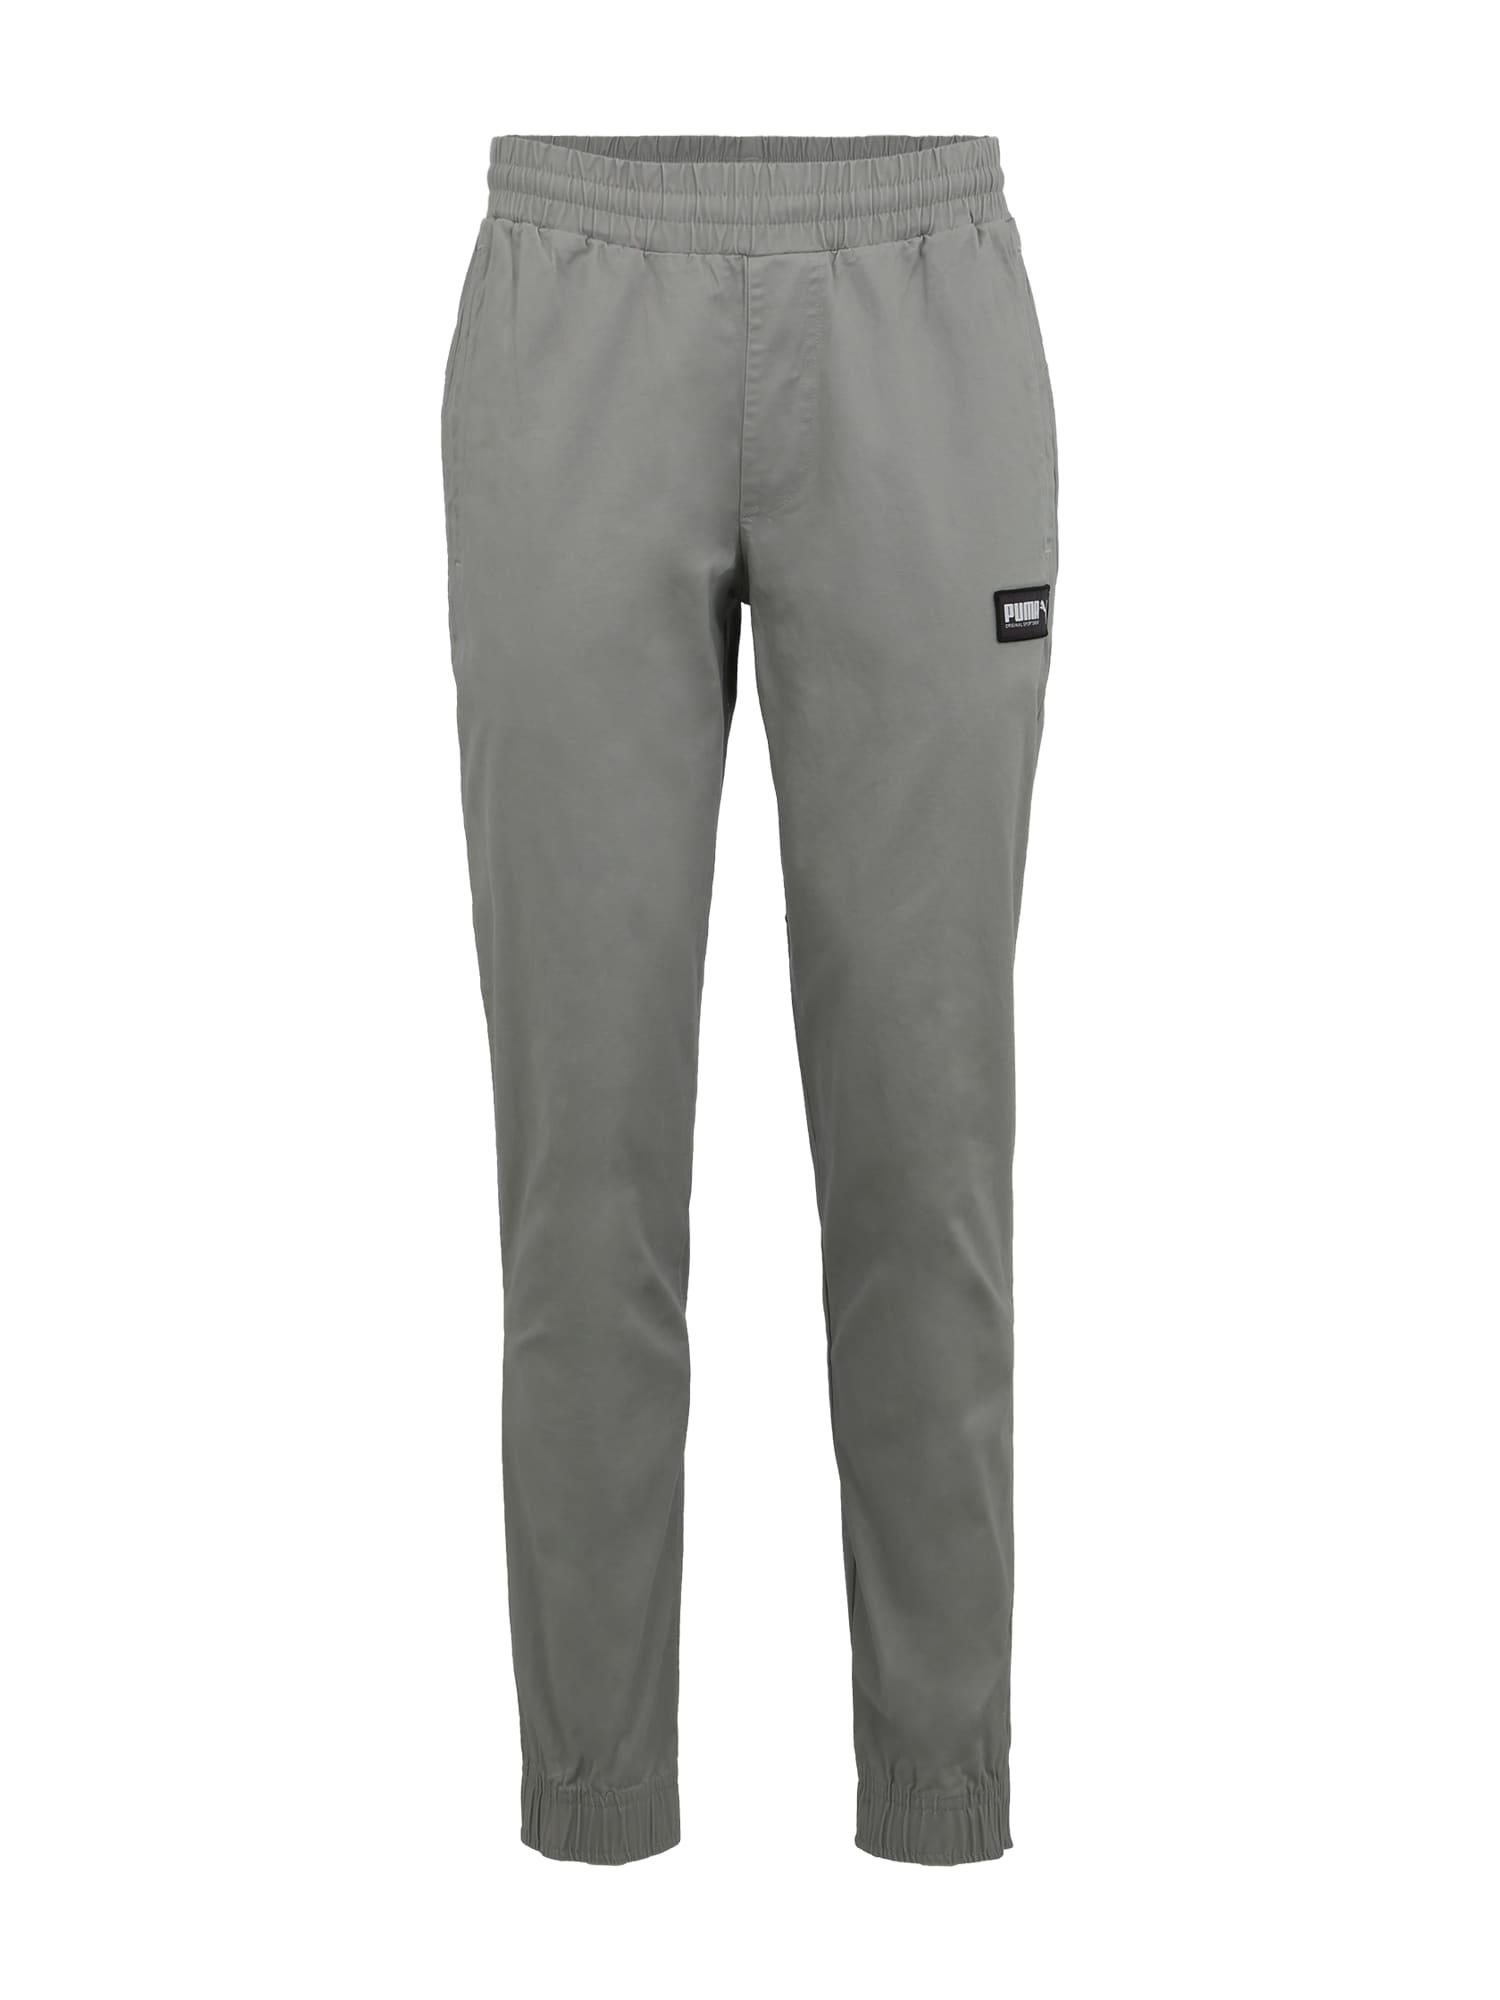 Sportovní kalhoty Fusion Pants světle šedá PUMA